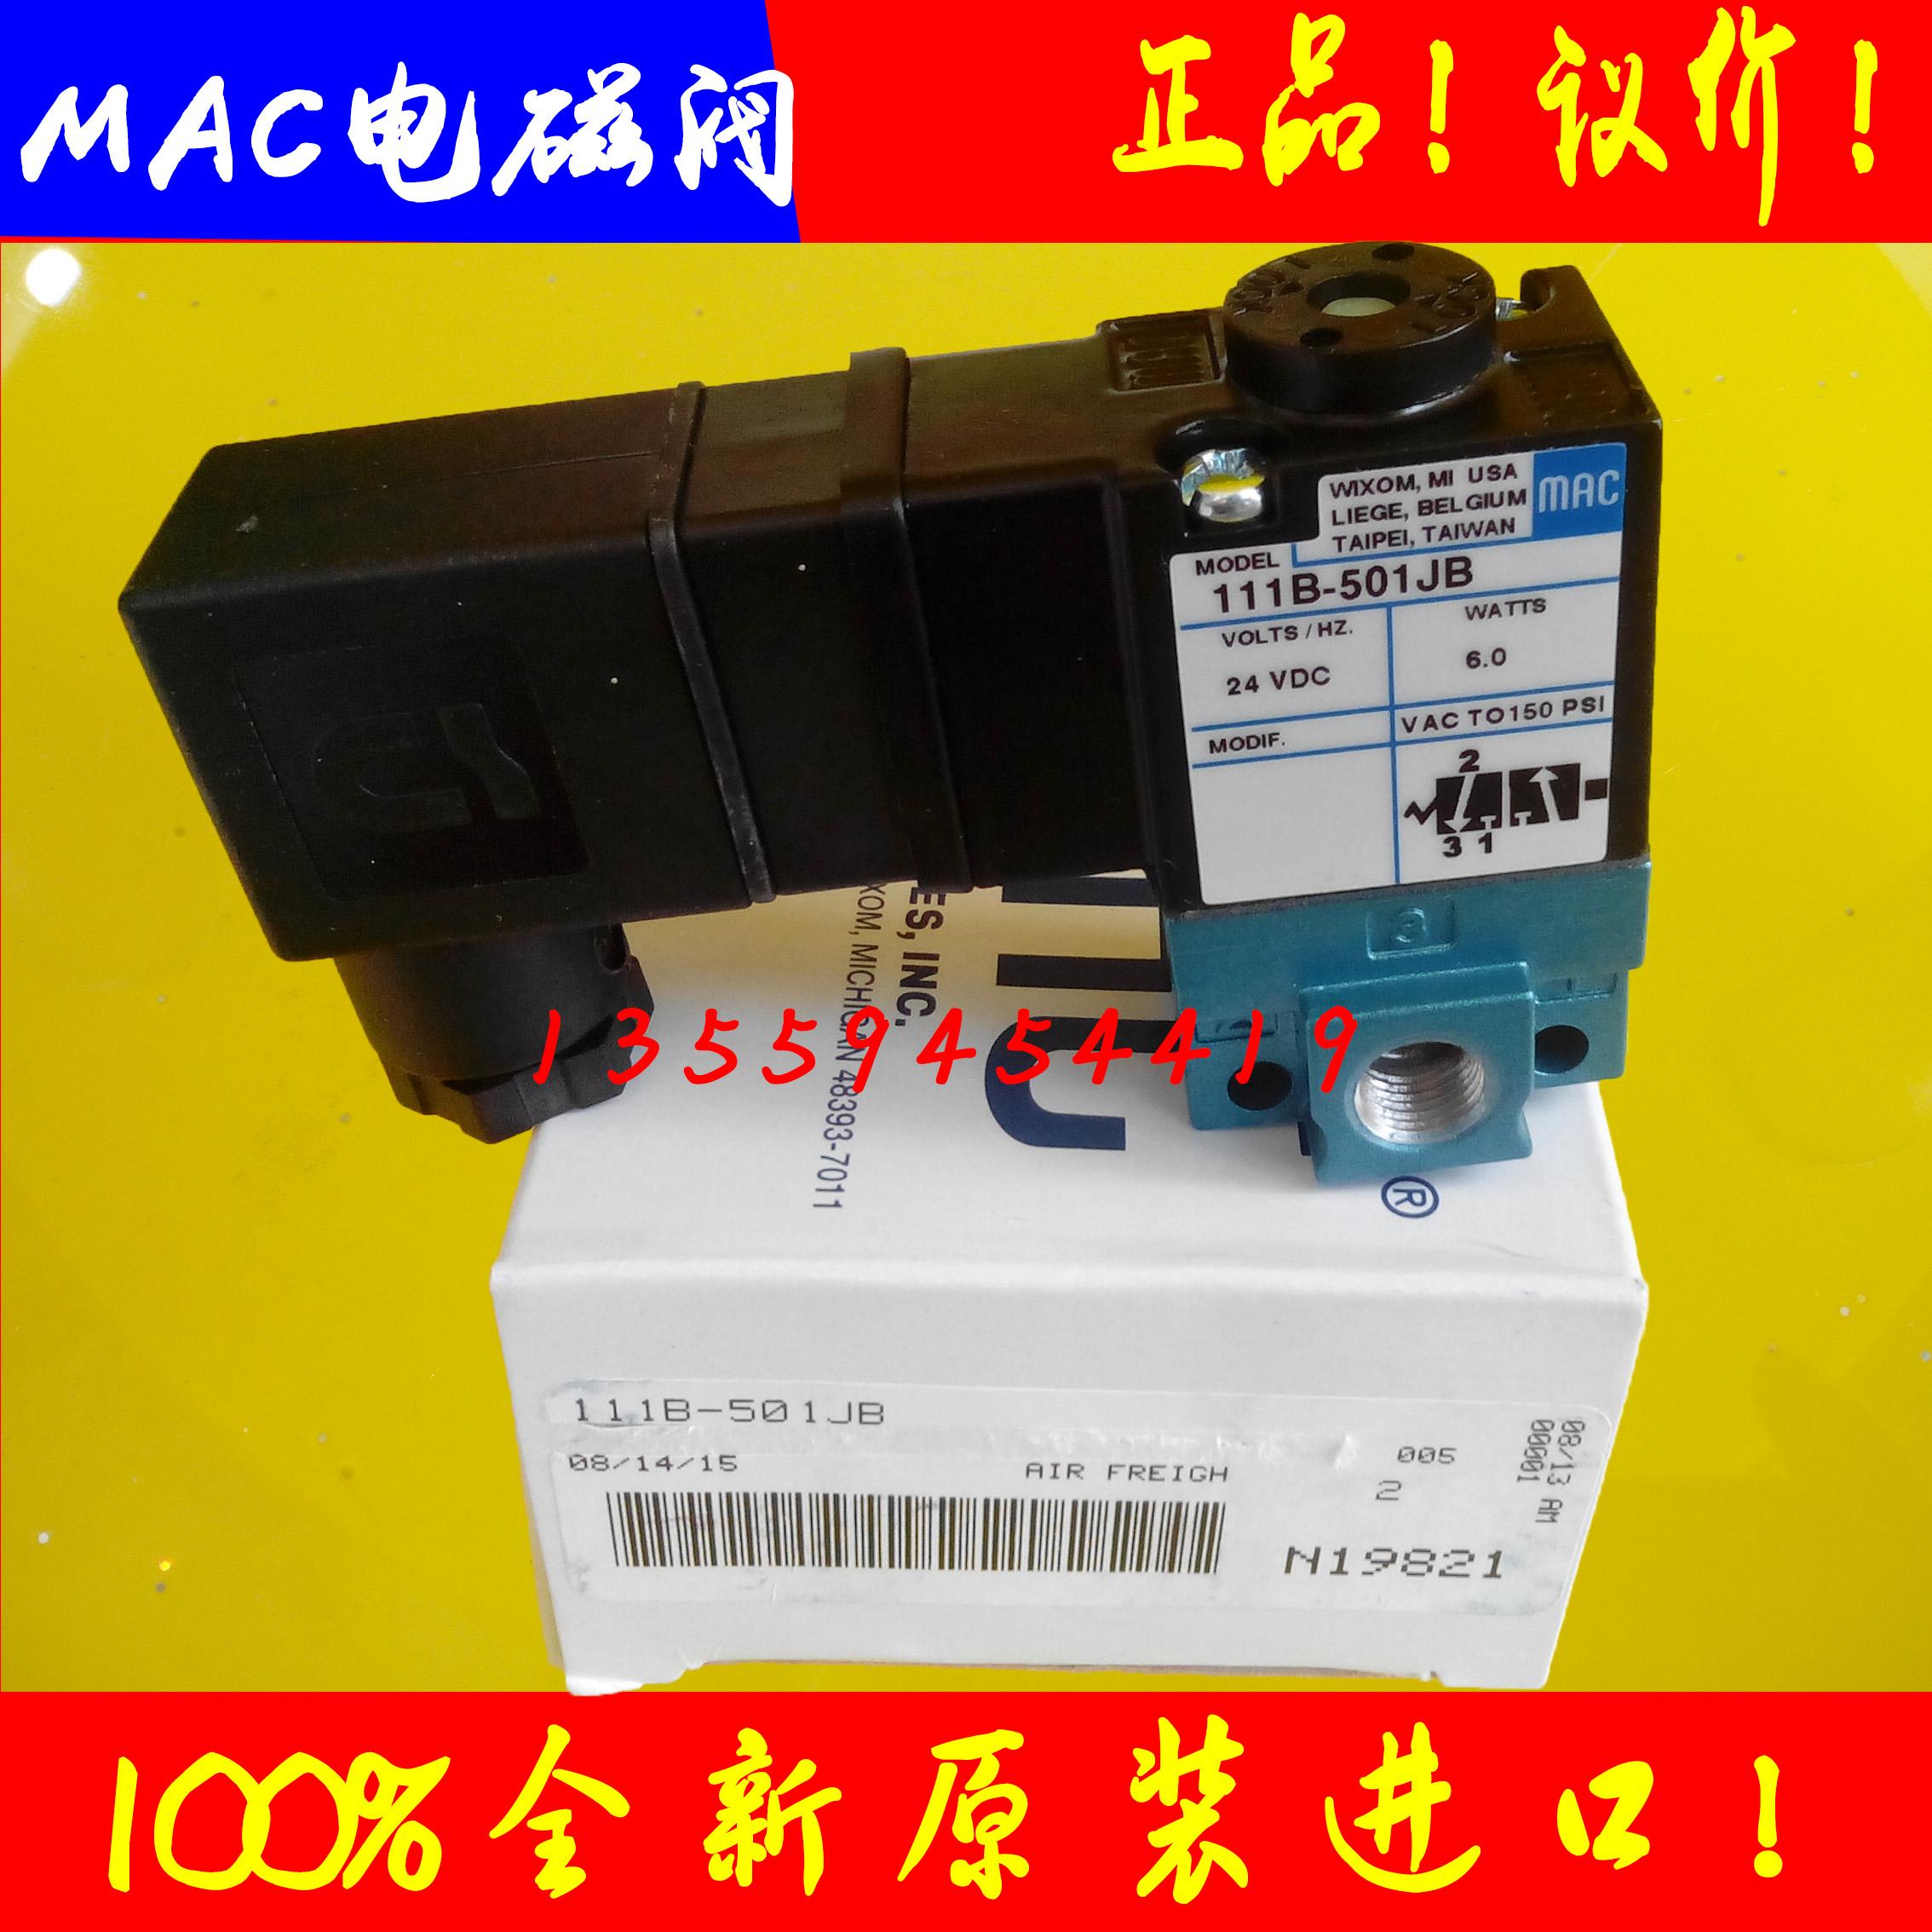 100% äkta original amerikanska mac elektromagnetisk ventil som ett straff för tio 111B-501JB paketet efter förhandlingar.